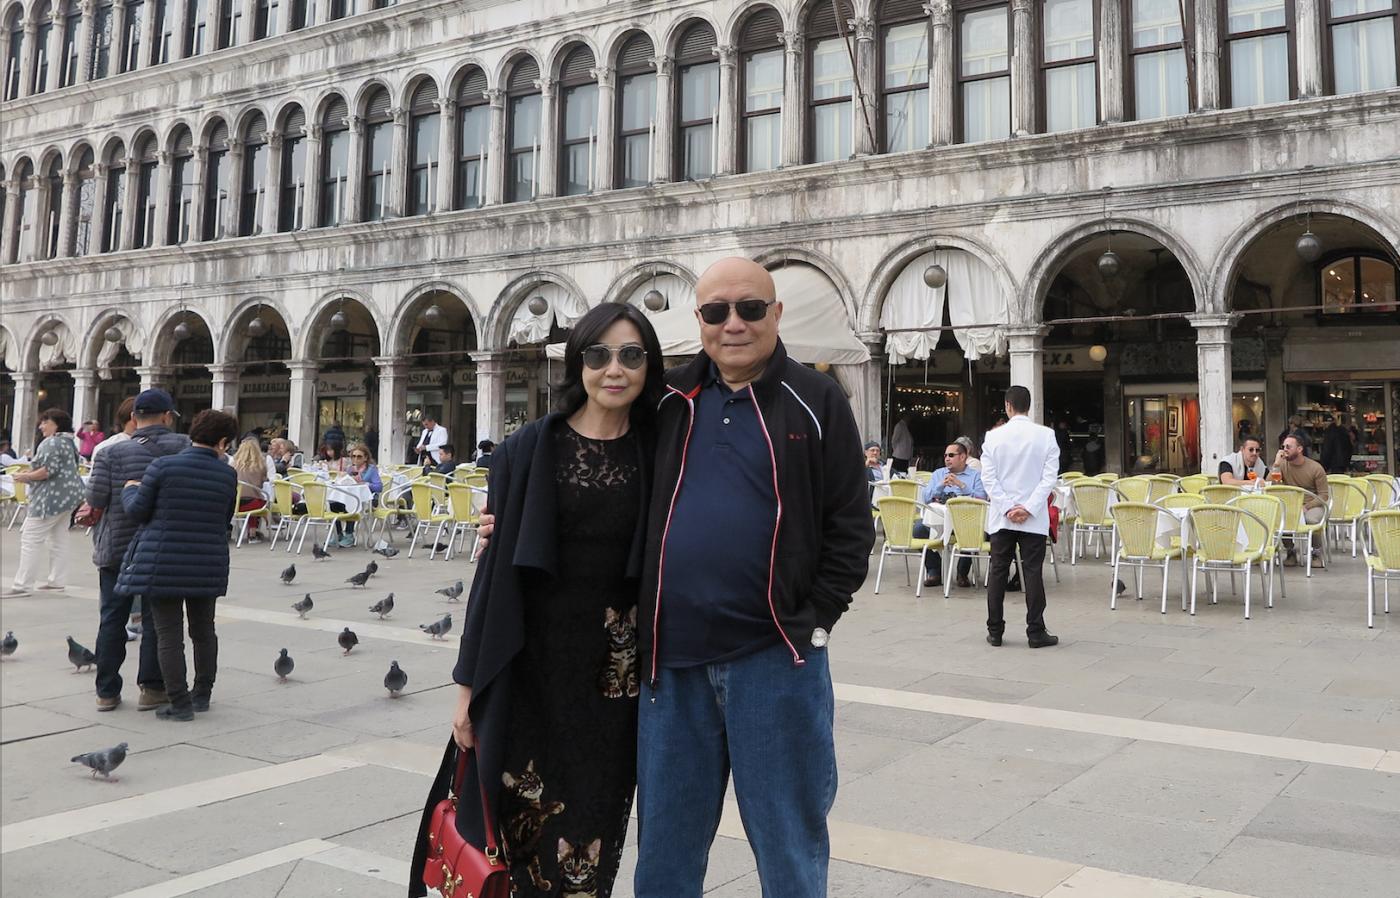 水乡威尼斯:无限的魅力永久的回忆_图1-4